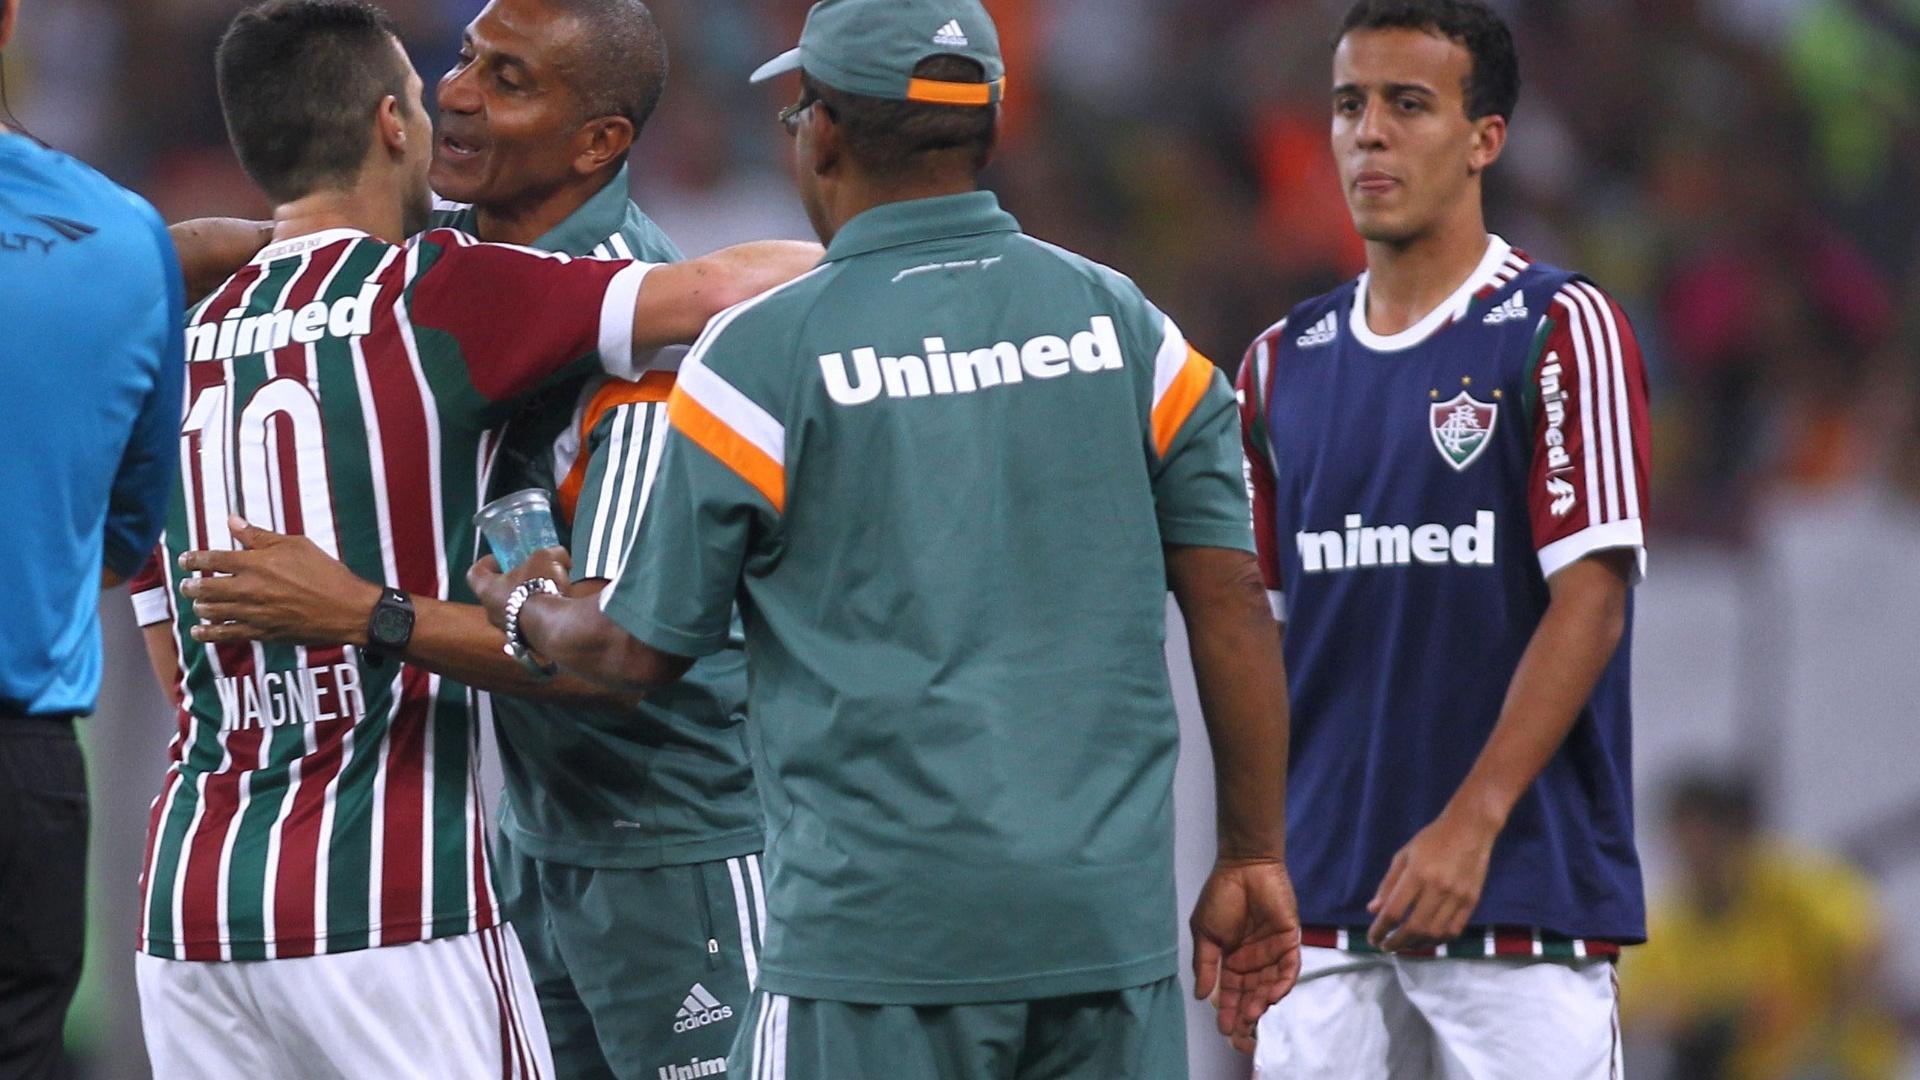 Jogadores do Fluminense comemoram gol ao lado do técnico Cristóvão Borges